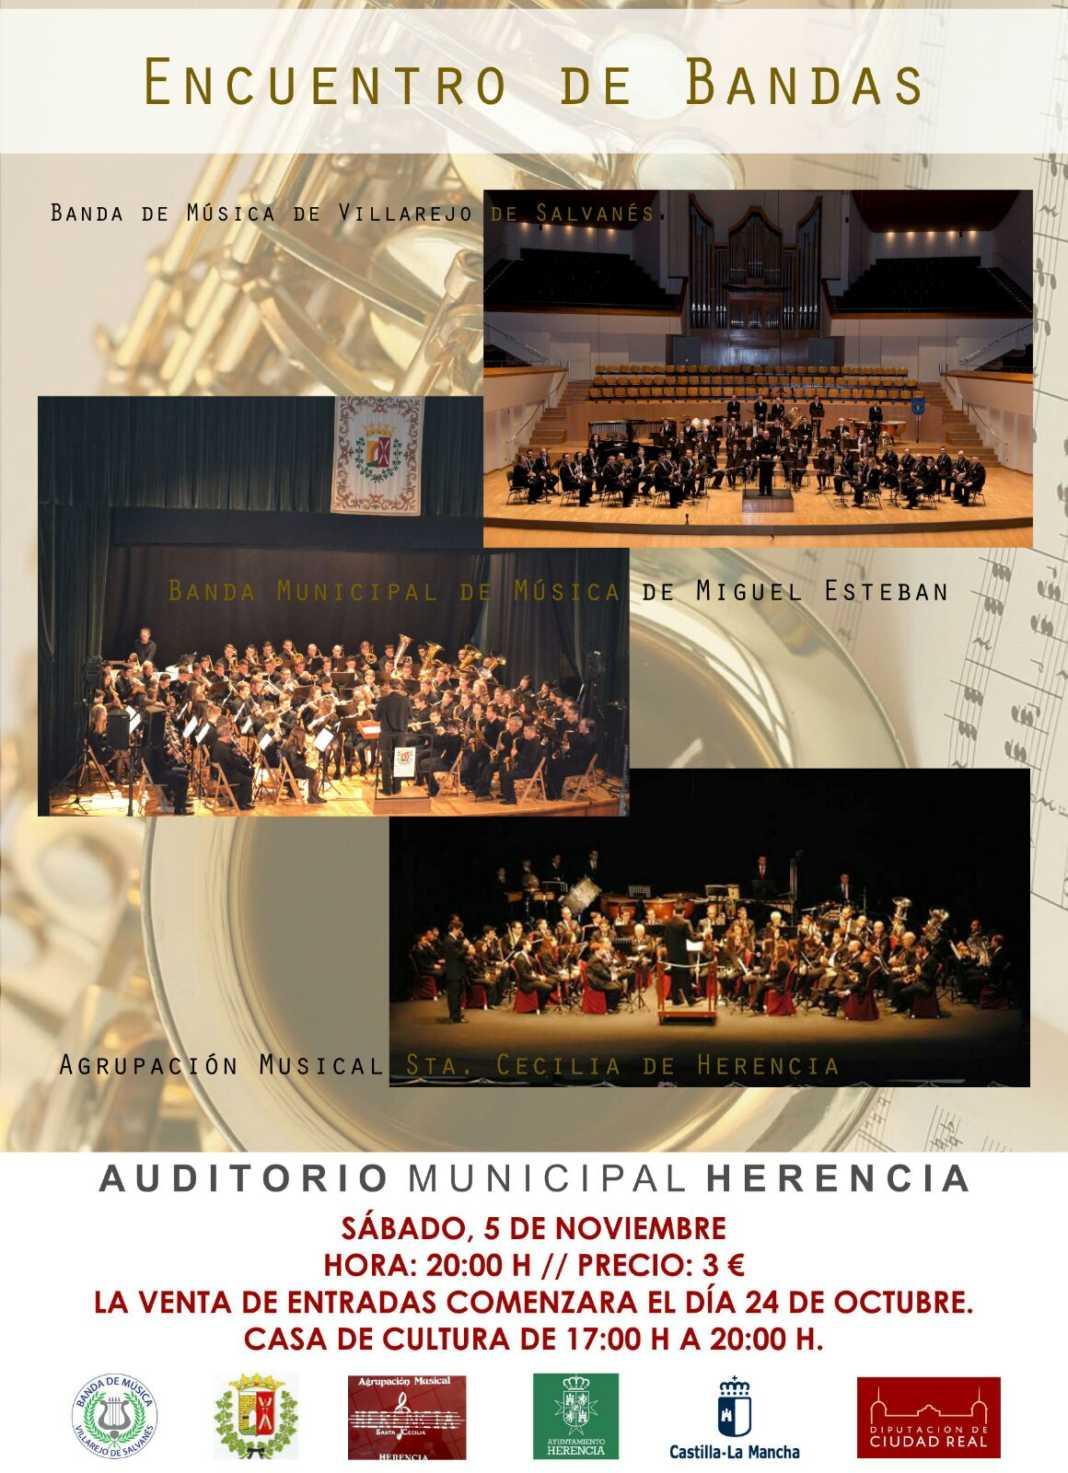 Encuentro de bandas en auditorio municipal de Herencia 1068x1473 - Encuentro de Bandas de Música en Herencia el 5 de noviembre